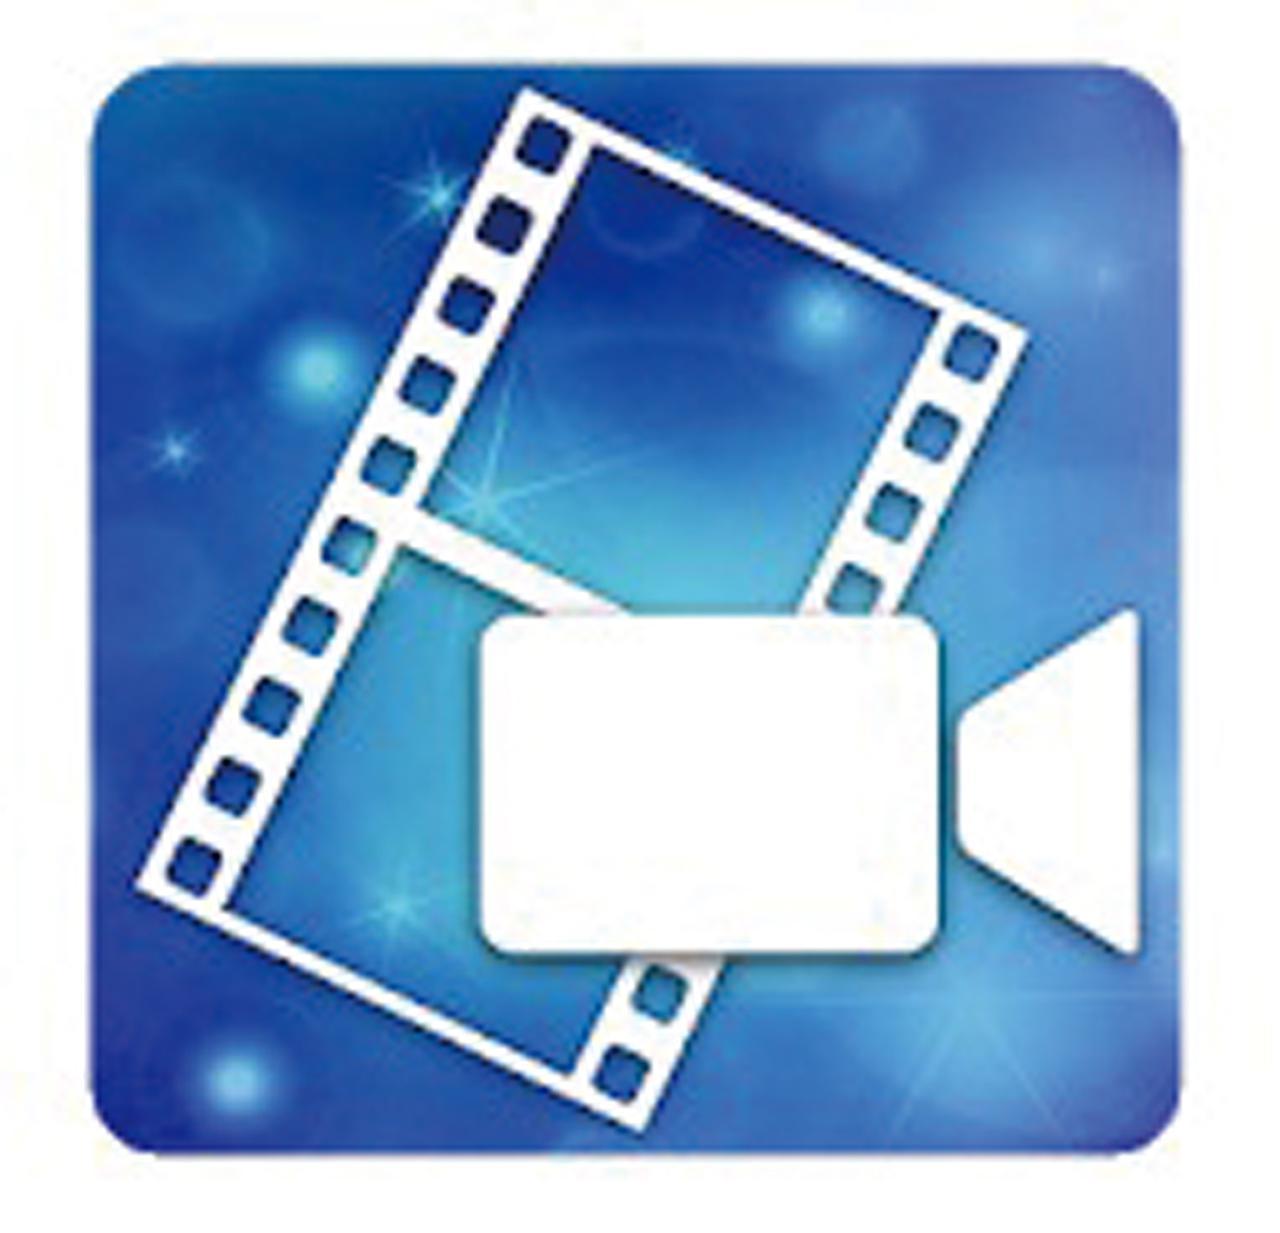 画像: ❻本格的な映像制作を楽しみたい人に最適の高機能アプリ